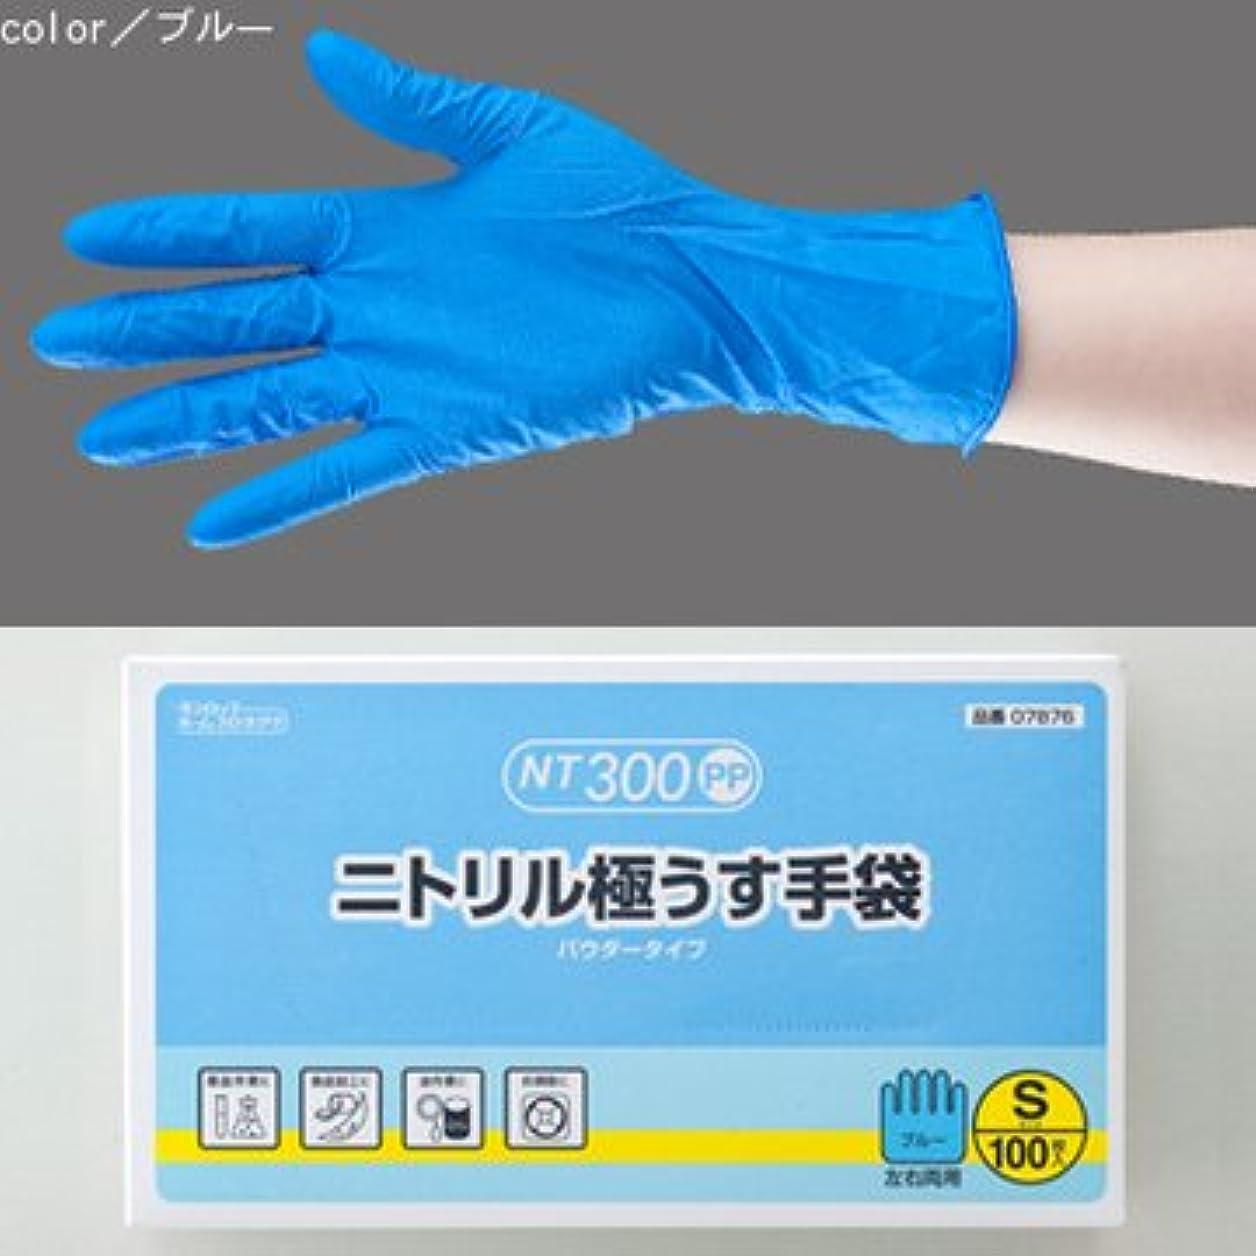 引き算忘れるマウスニトリル極うす手袋 NT300PP 100枚入り (M)